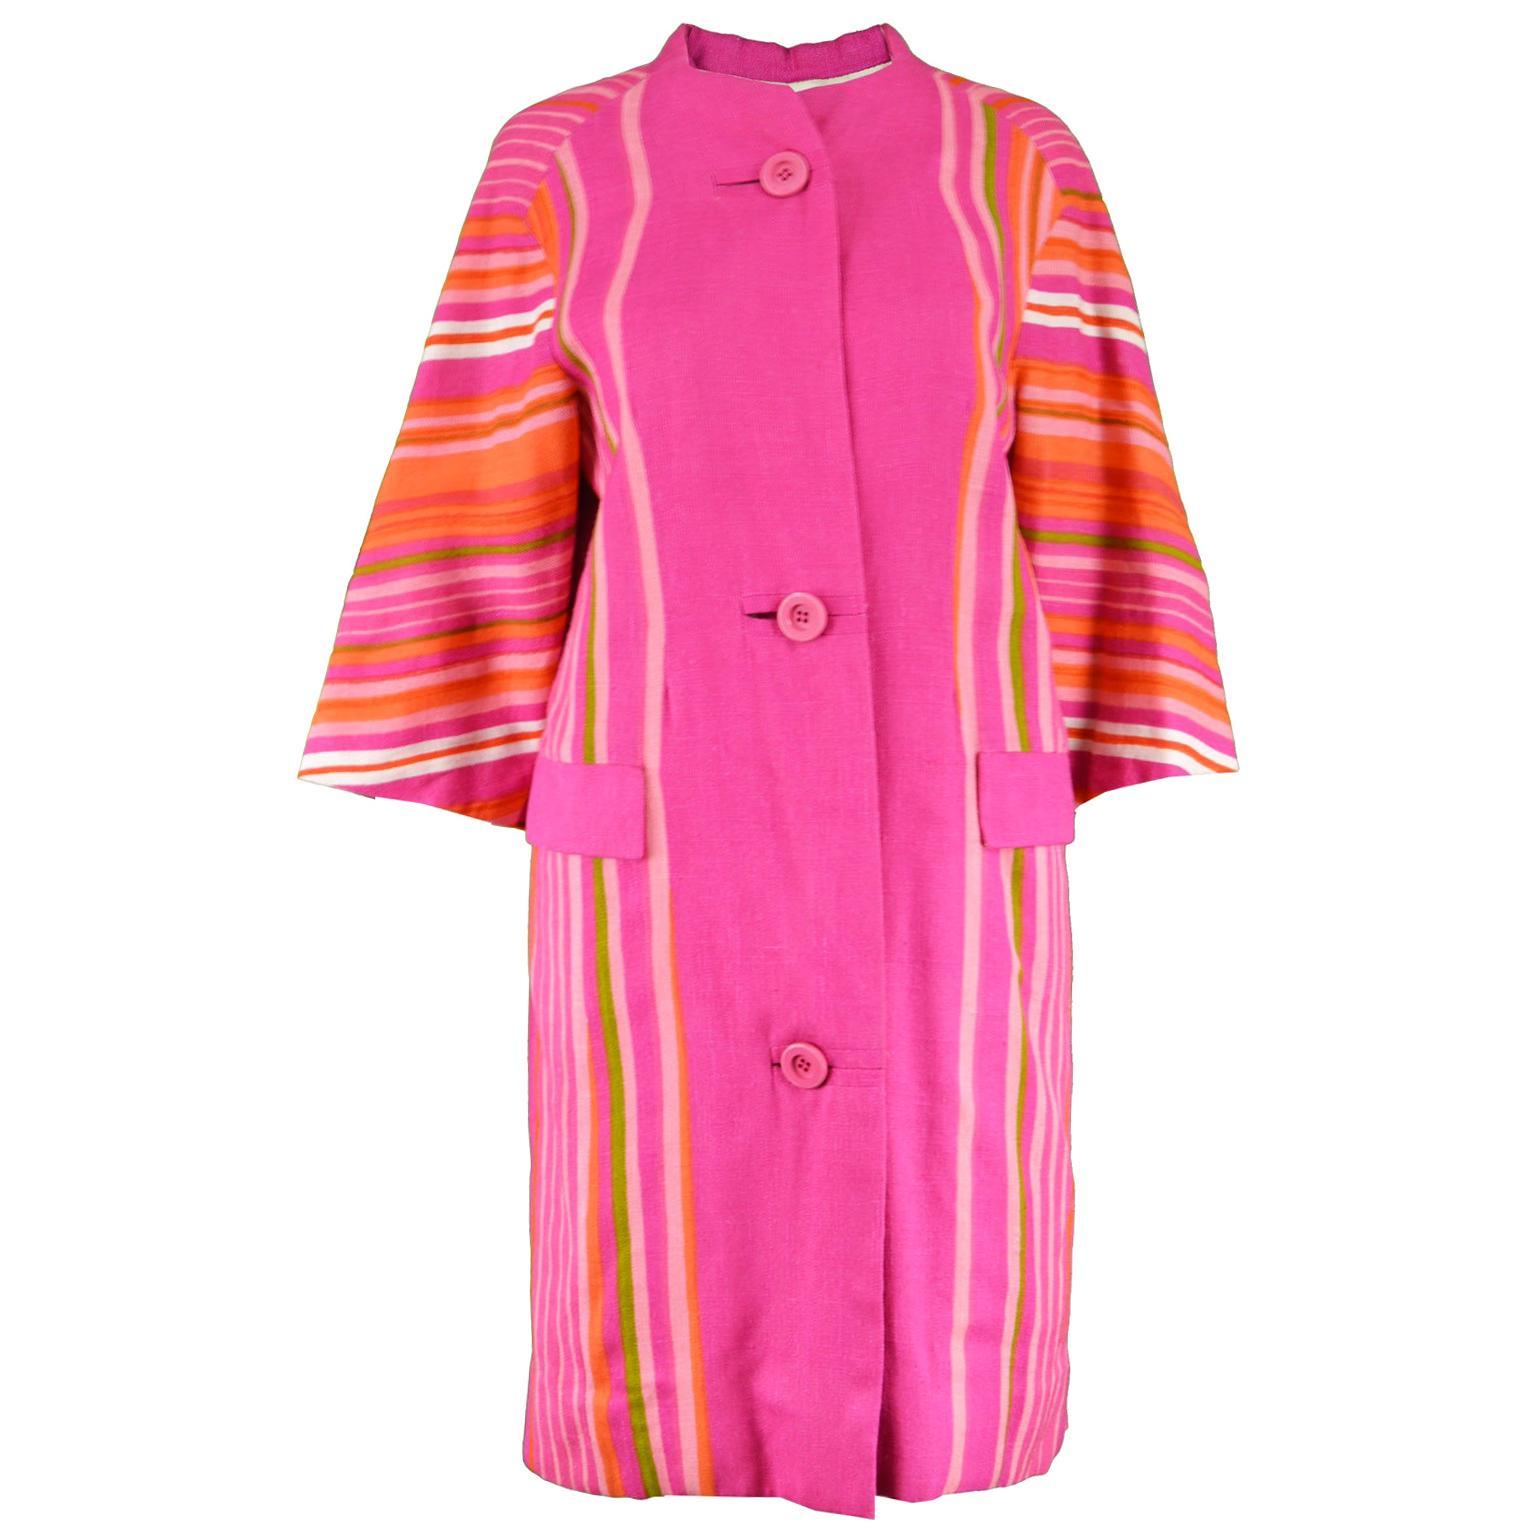 Pierre Balmain Haute Couture Pink & Rainbow Striped Linen Vintage Jacket, 1960s